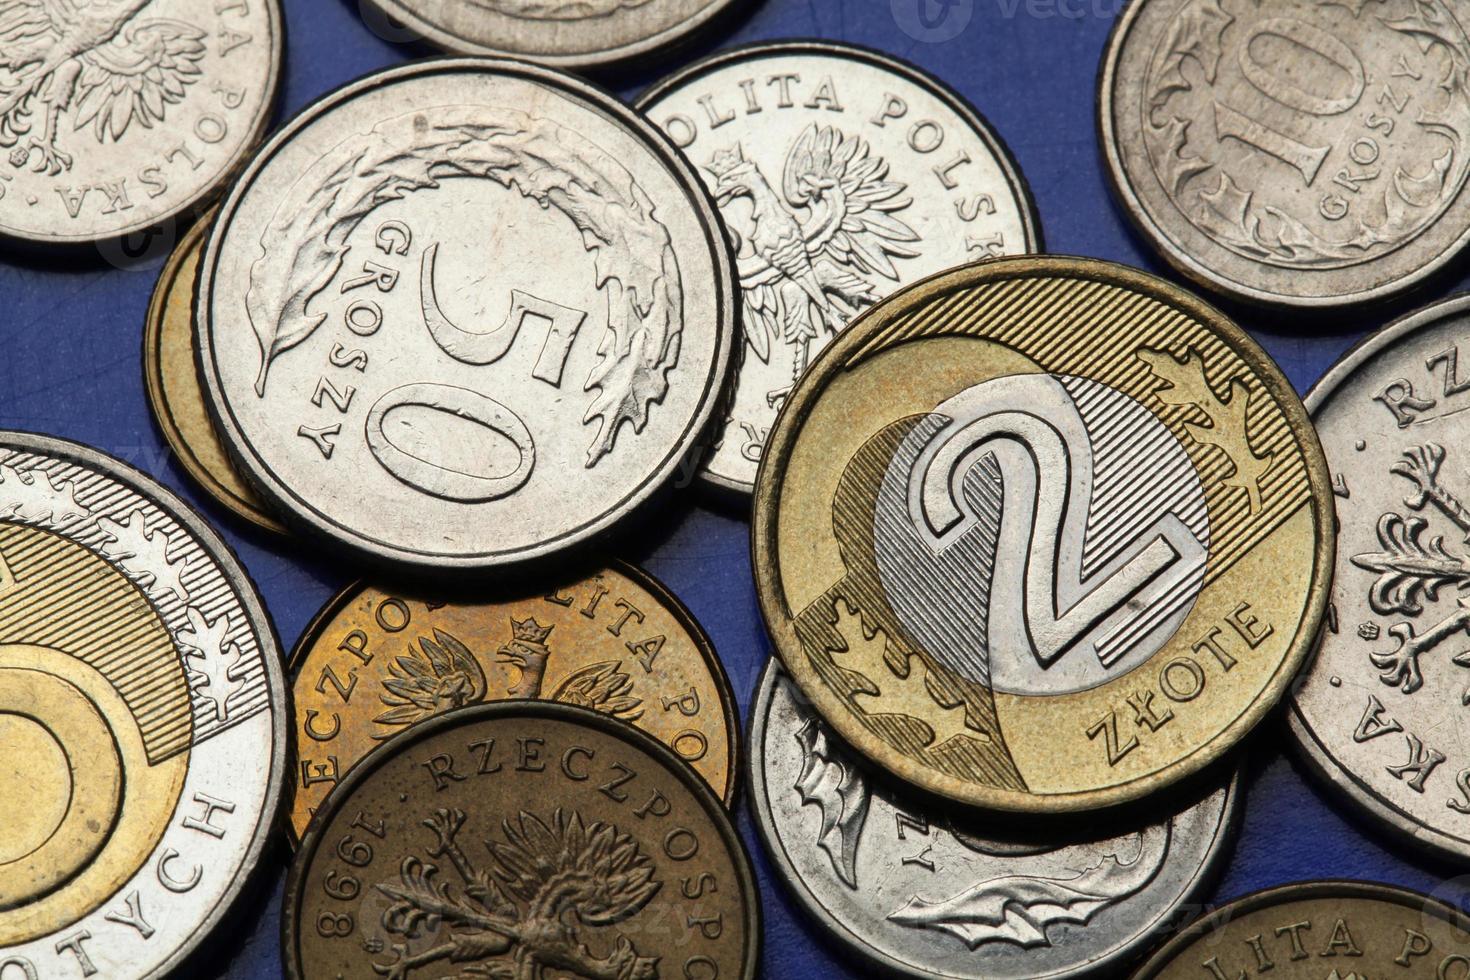 monete della polonia foto